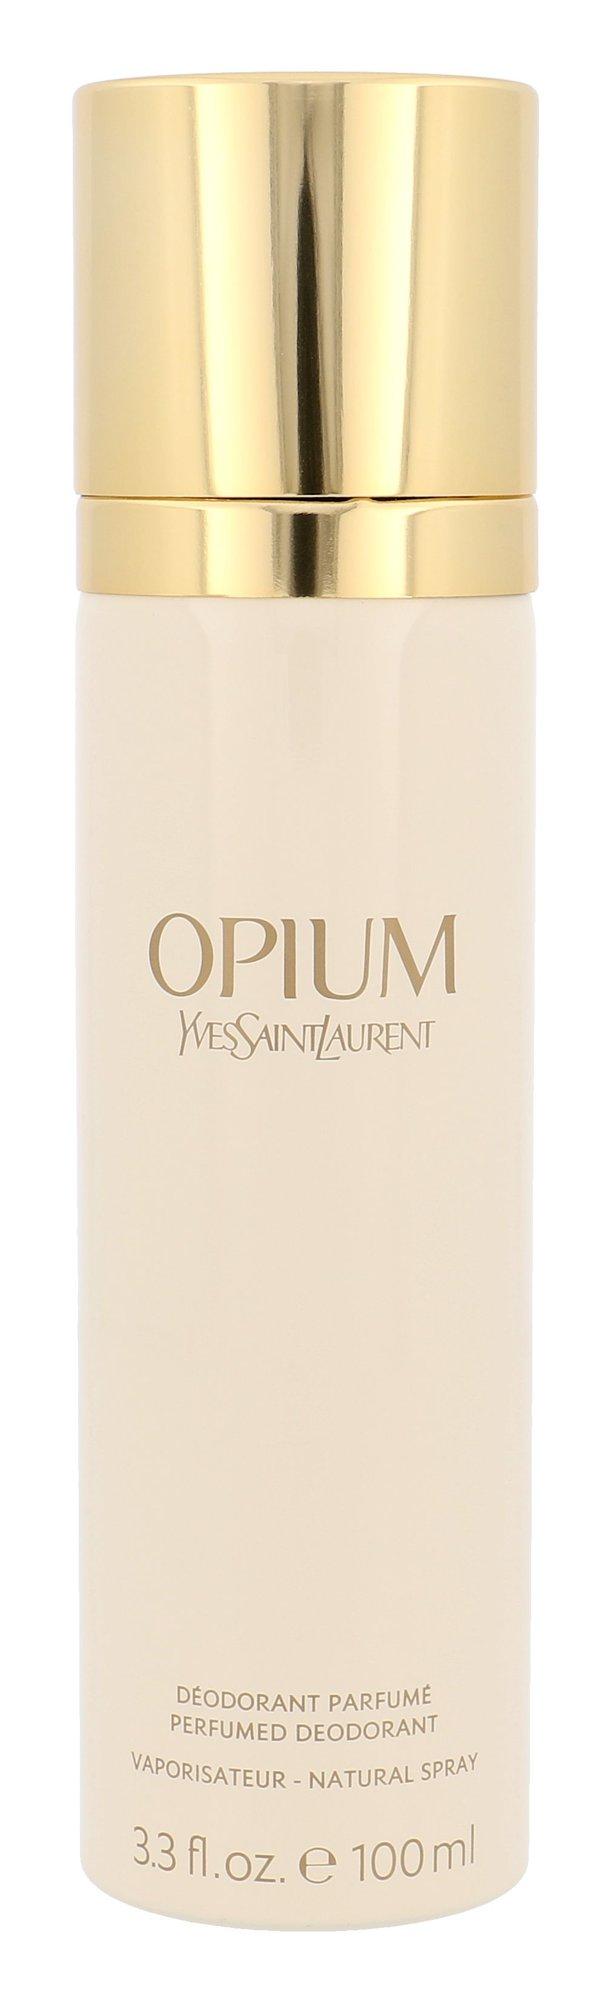 Yves Saint Laurent Opium Deodorant 100ml